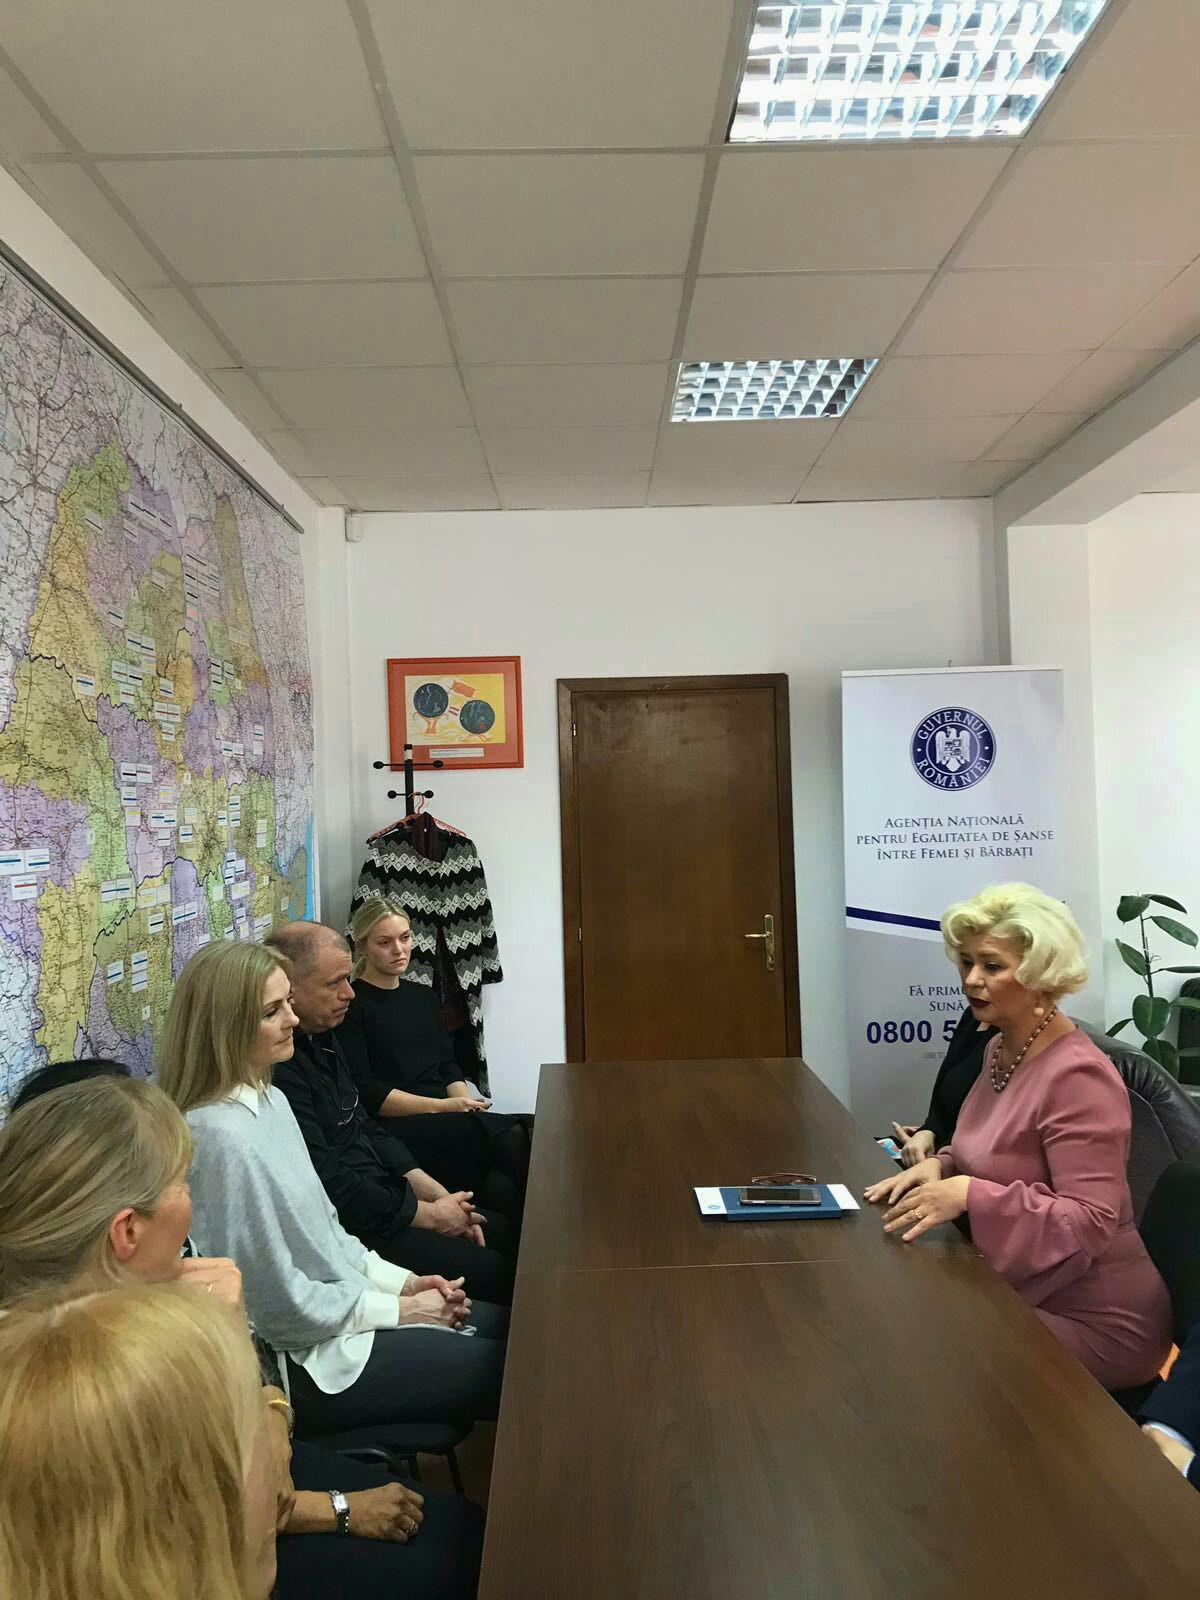 În perioada 20 – 22 martie s-a desfășurat la ANES vizita reprezentanților Ministerului Justiției al Regatului Unit al Norvegiei și a reprezentanților asociațiilor afiliate, Brøset și Shelter Mouvement.